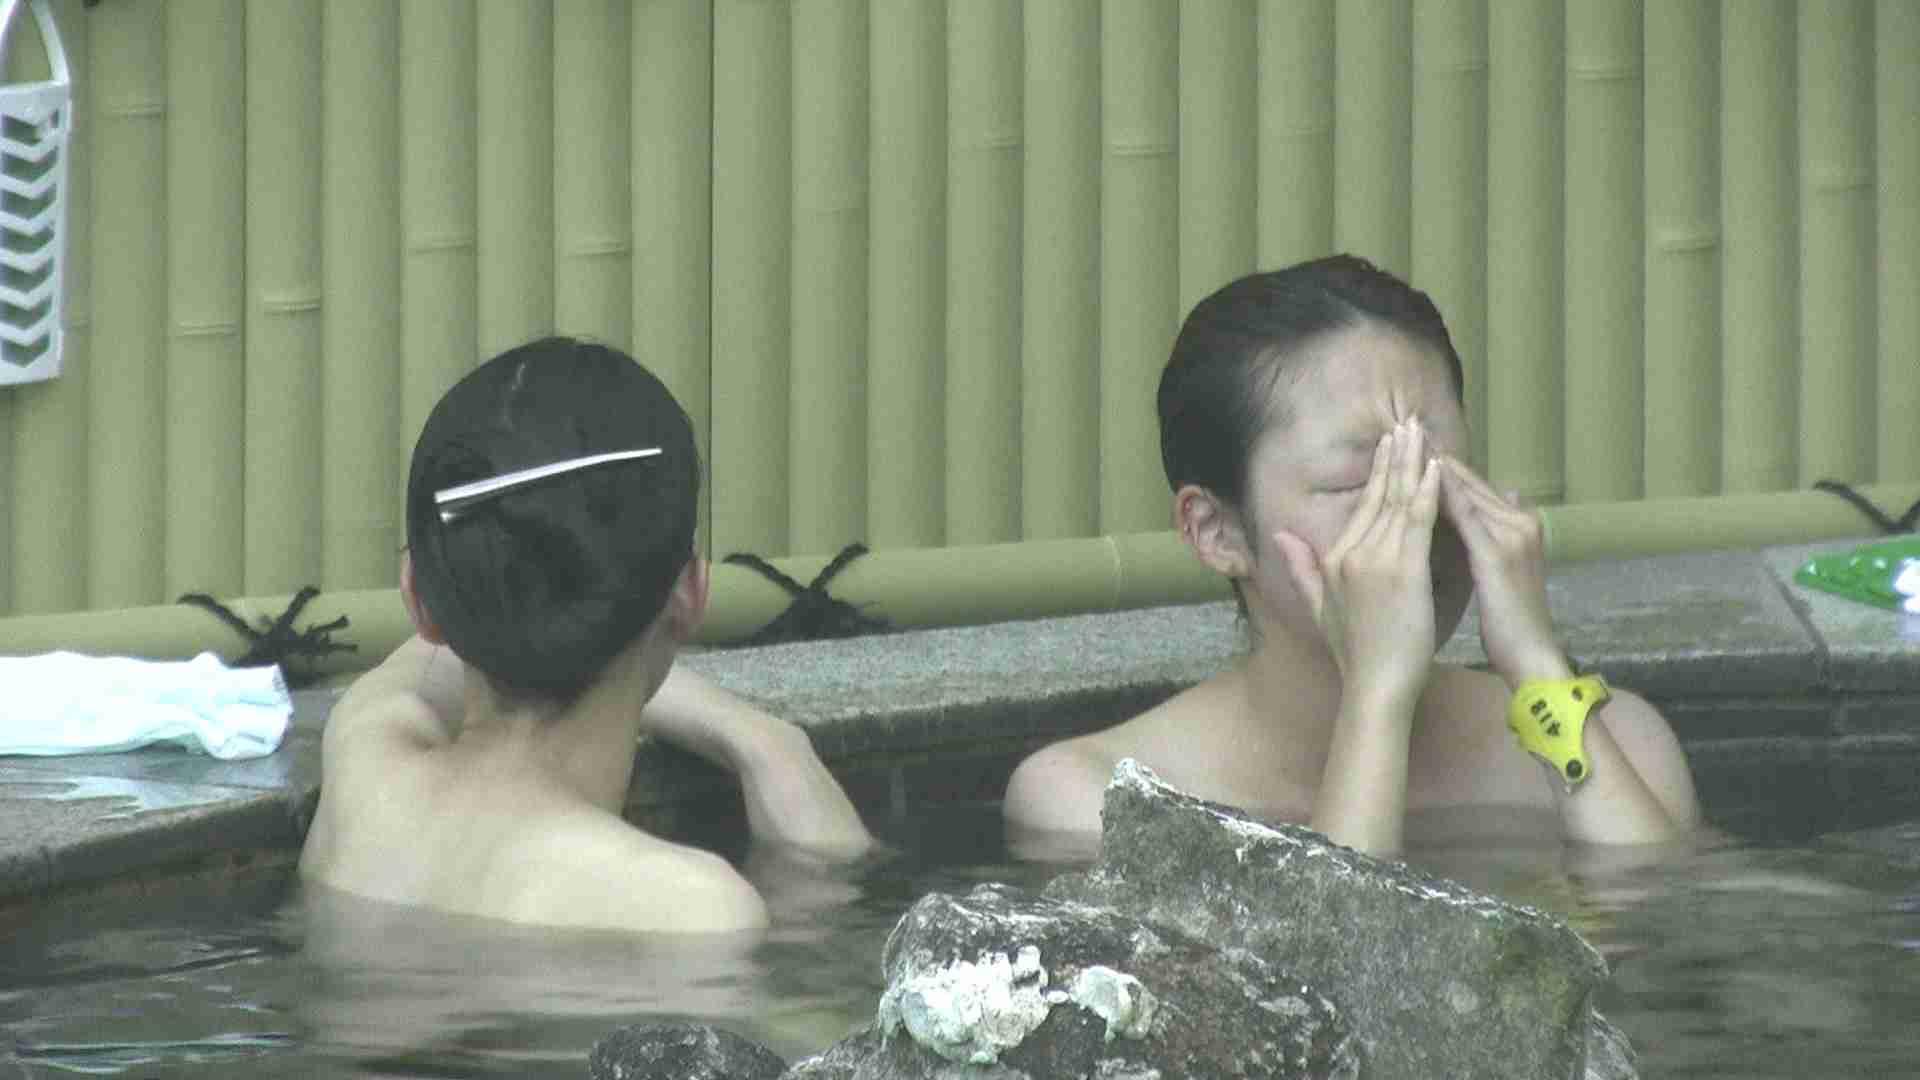 Aquaな露天風呂Vol.195 OL  67pic 35